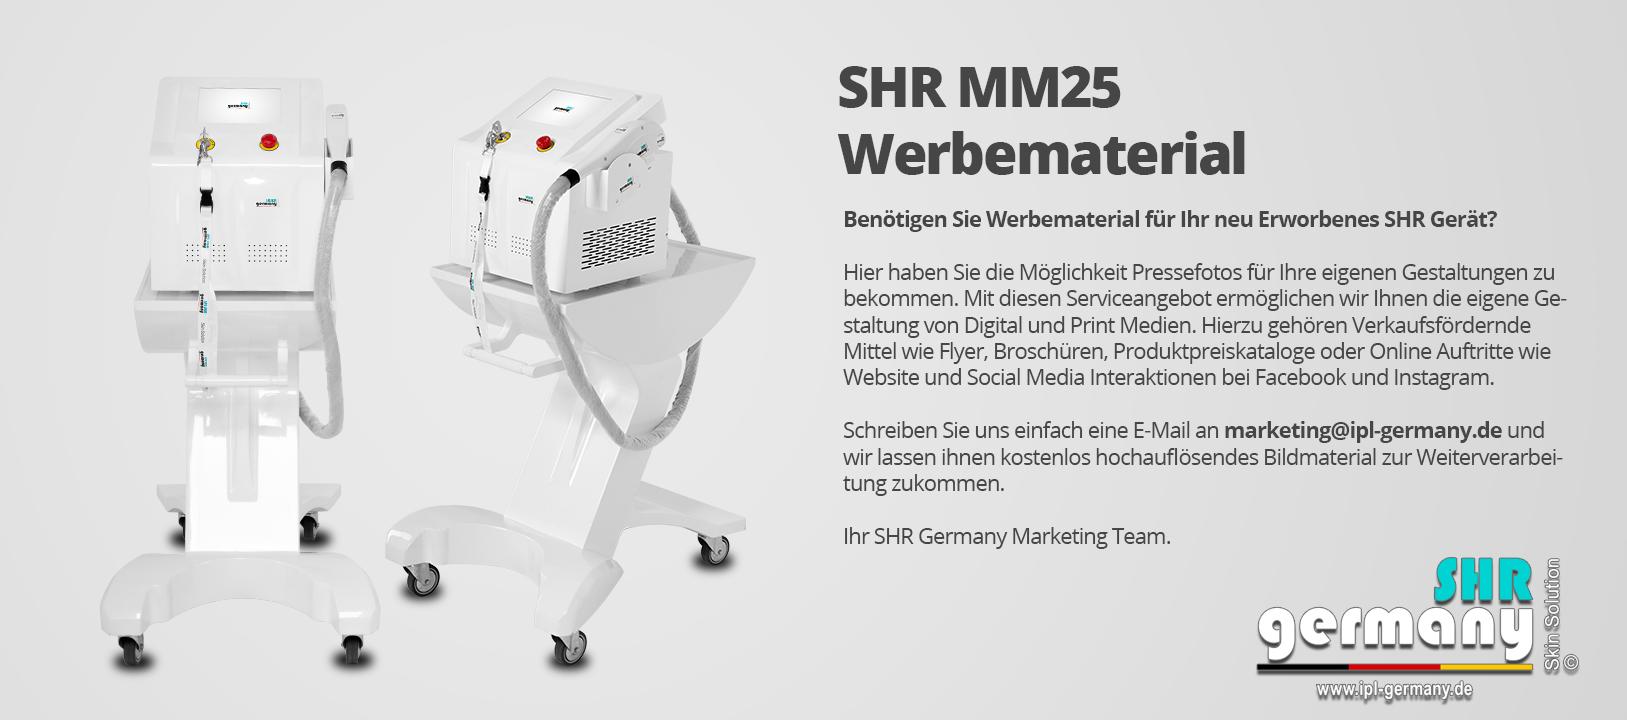 SHR_Germany_MMU25_Werbematerial